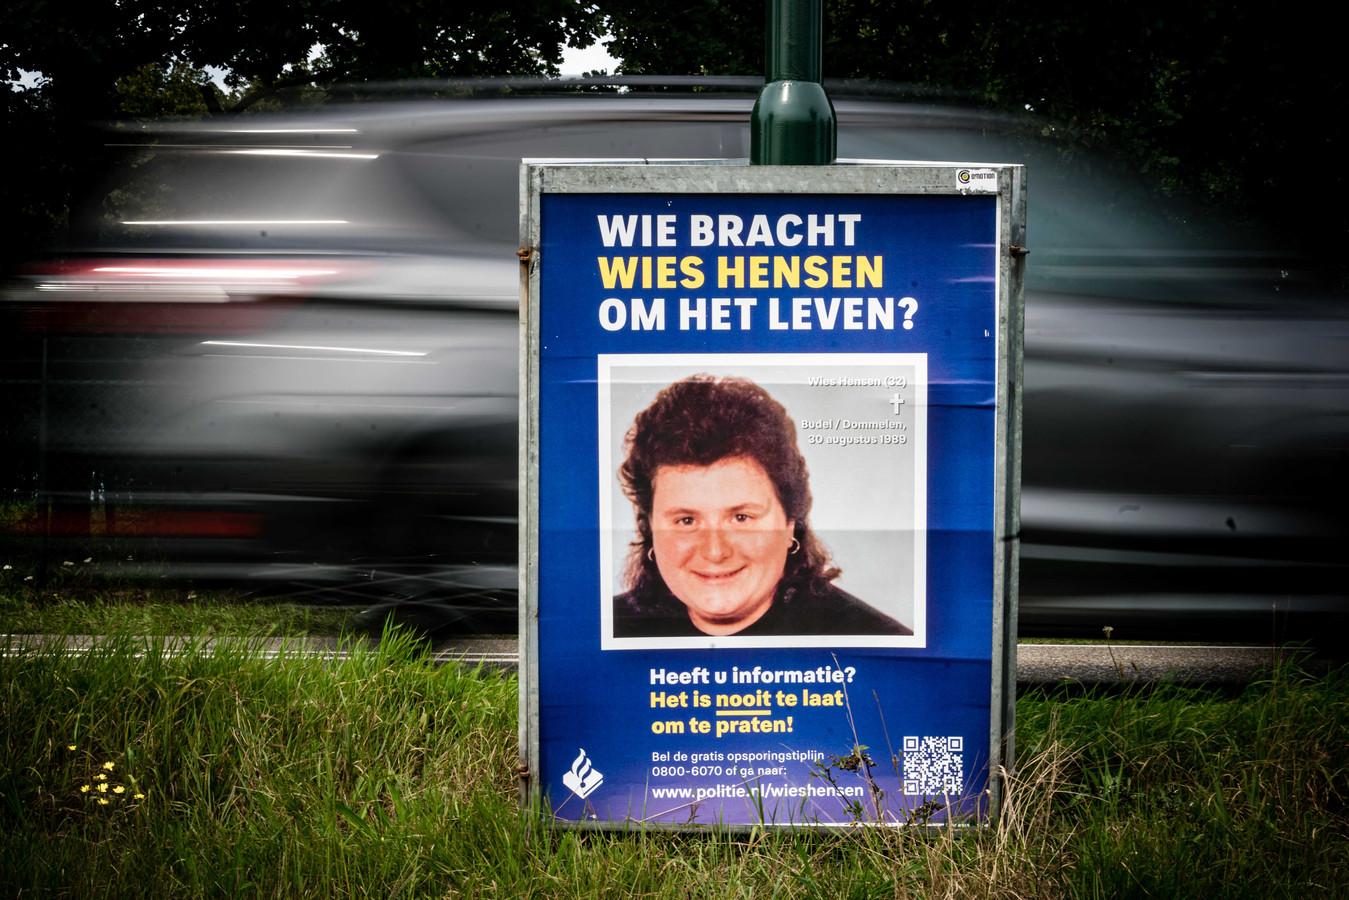 BUDEL - Een opsporingsbord nabij Budel waar een doorbraak lonkt in de al ruim dertig jaar onopgeloste moord op Wies Hensen.